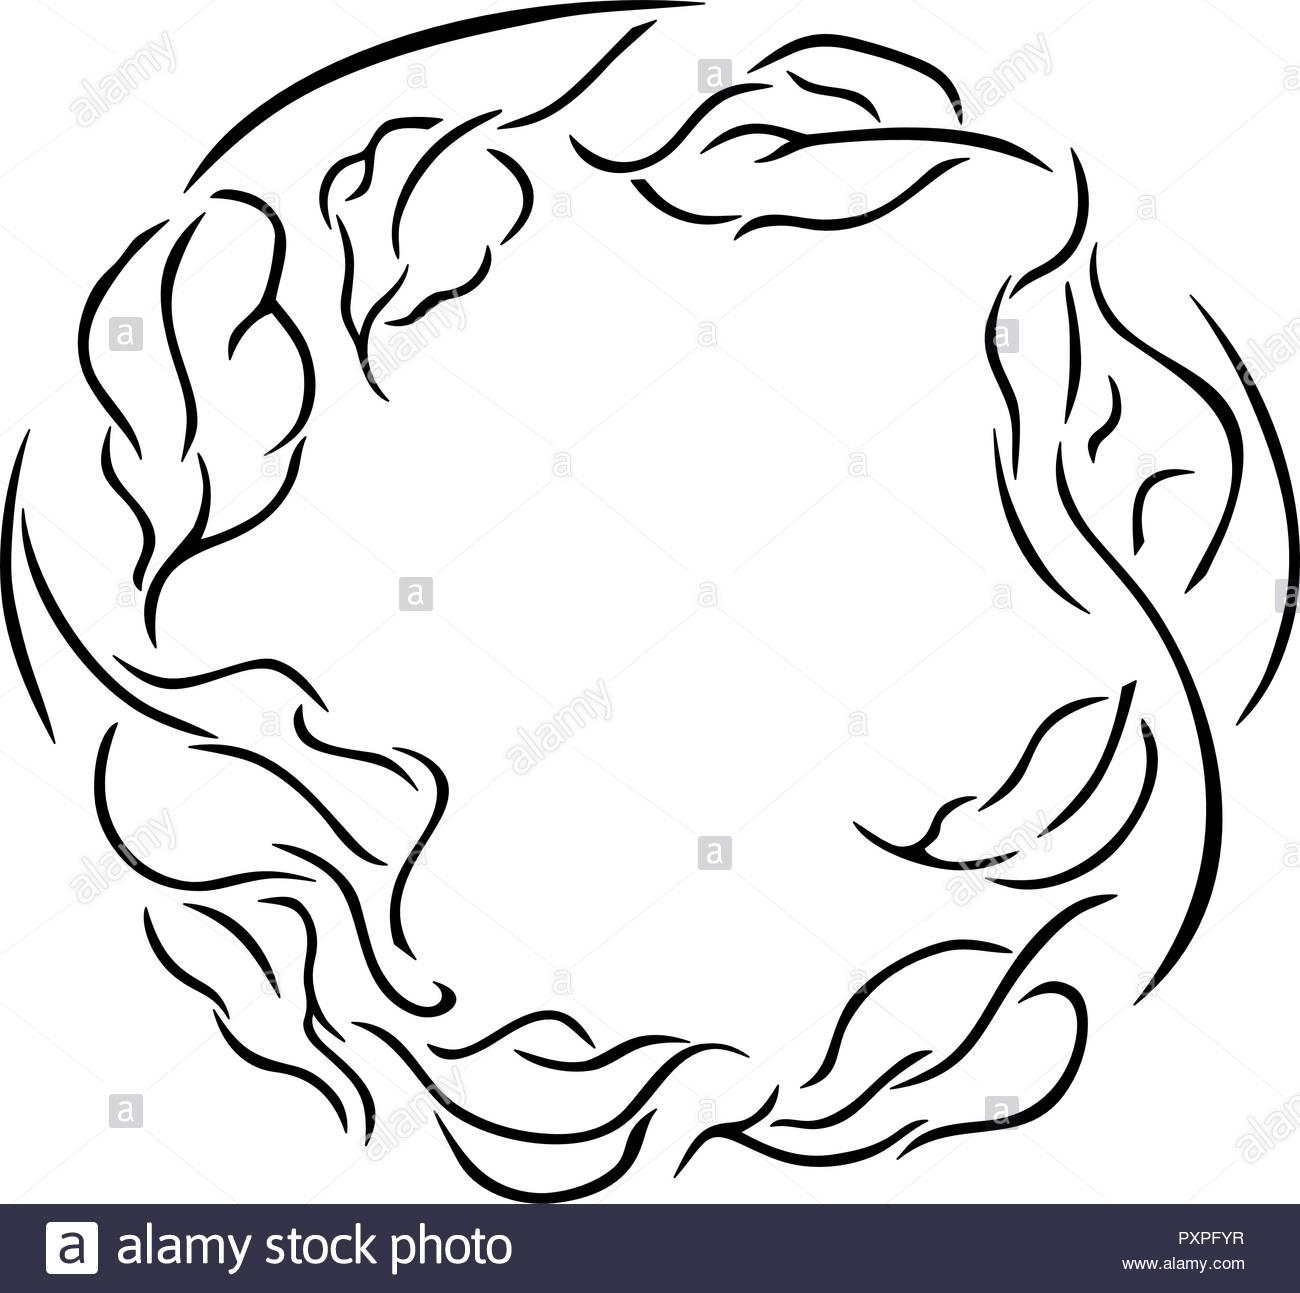 Linea semplice disegno di una ghirlanda di foglie, illustrazione vettoriale su sfondo bianco. Immagini Stock